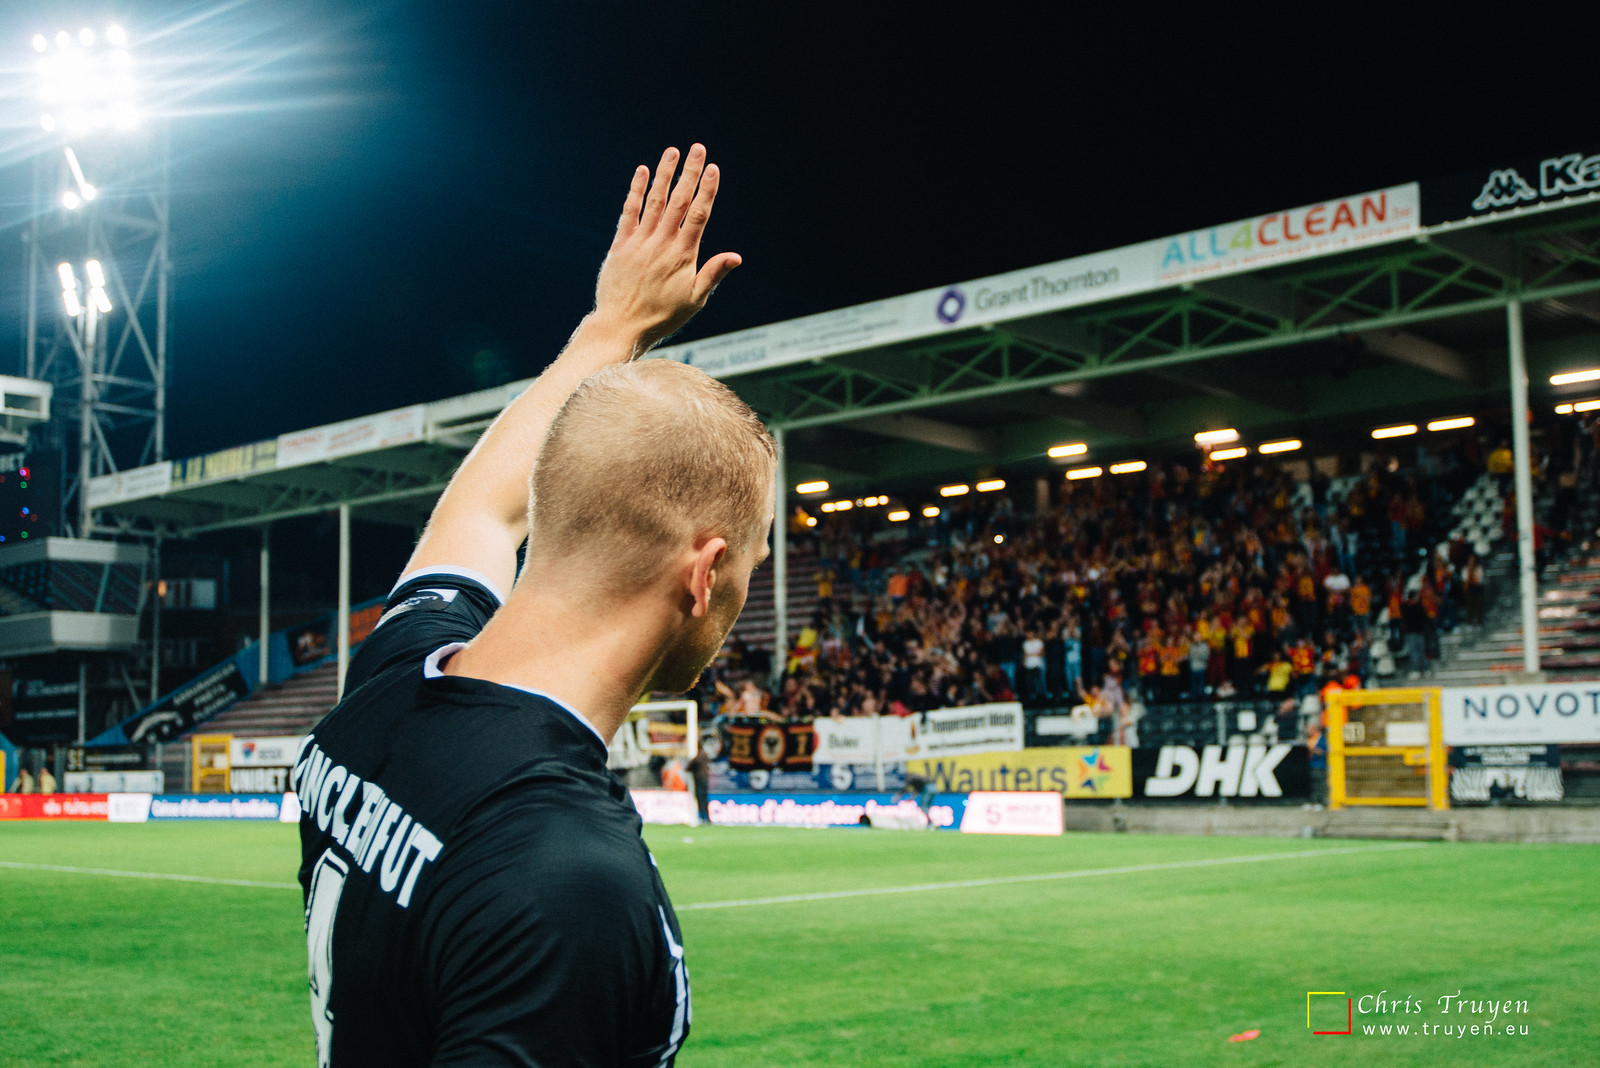 R Charleroi SC - KV Mechelen